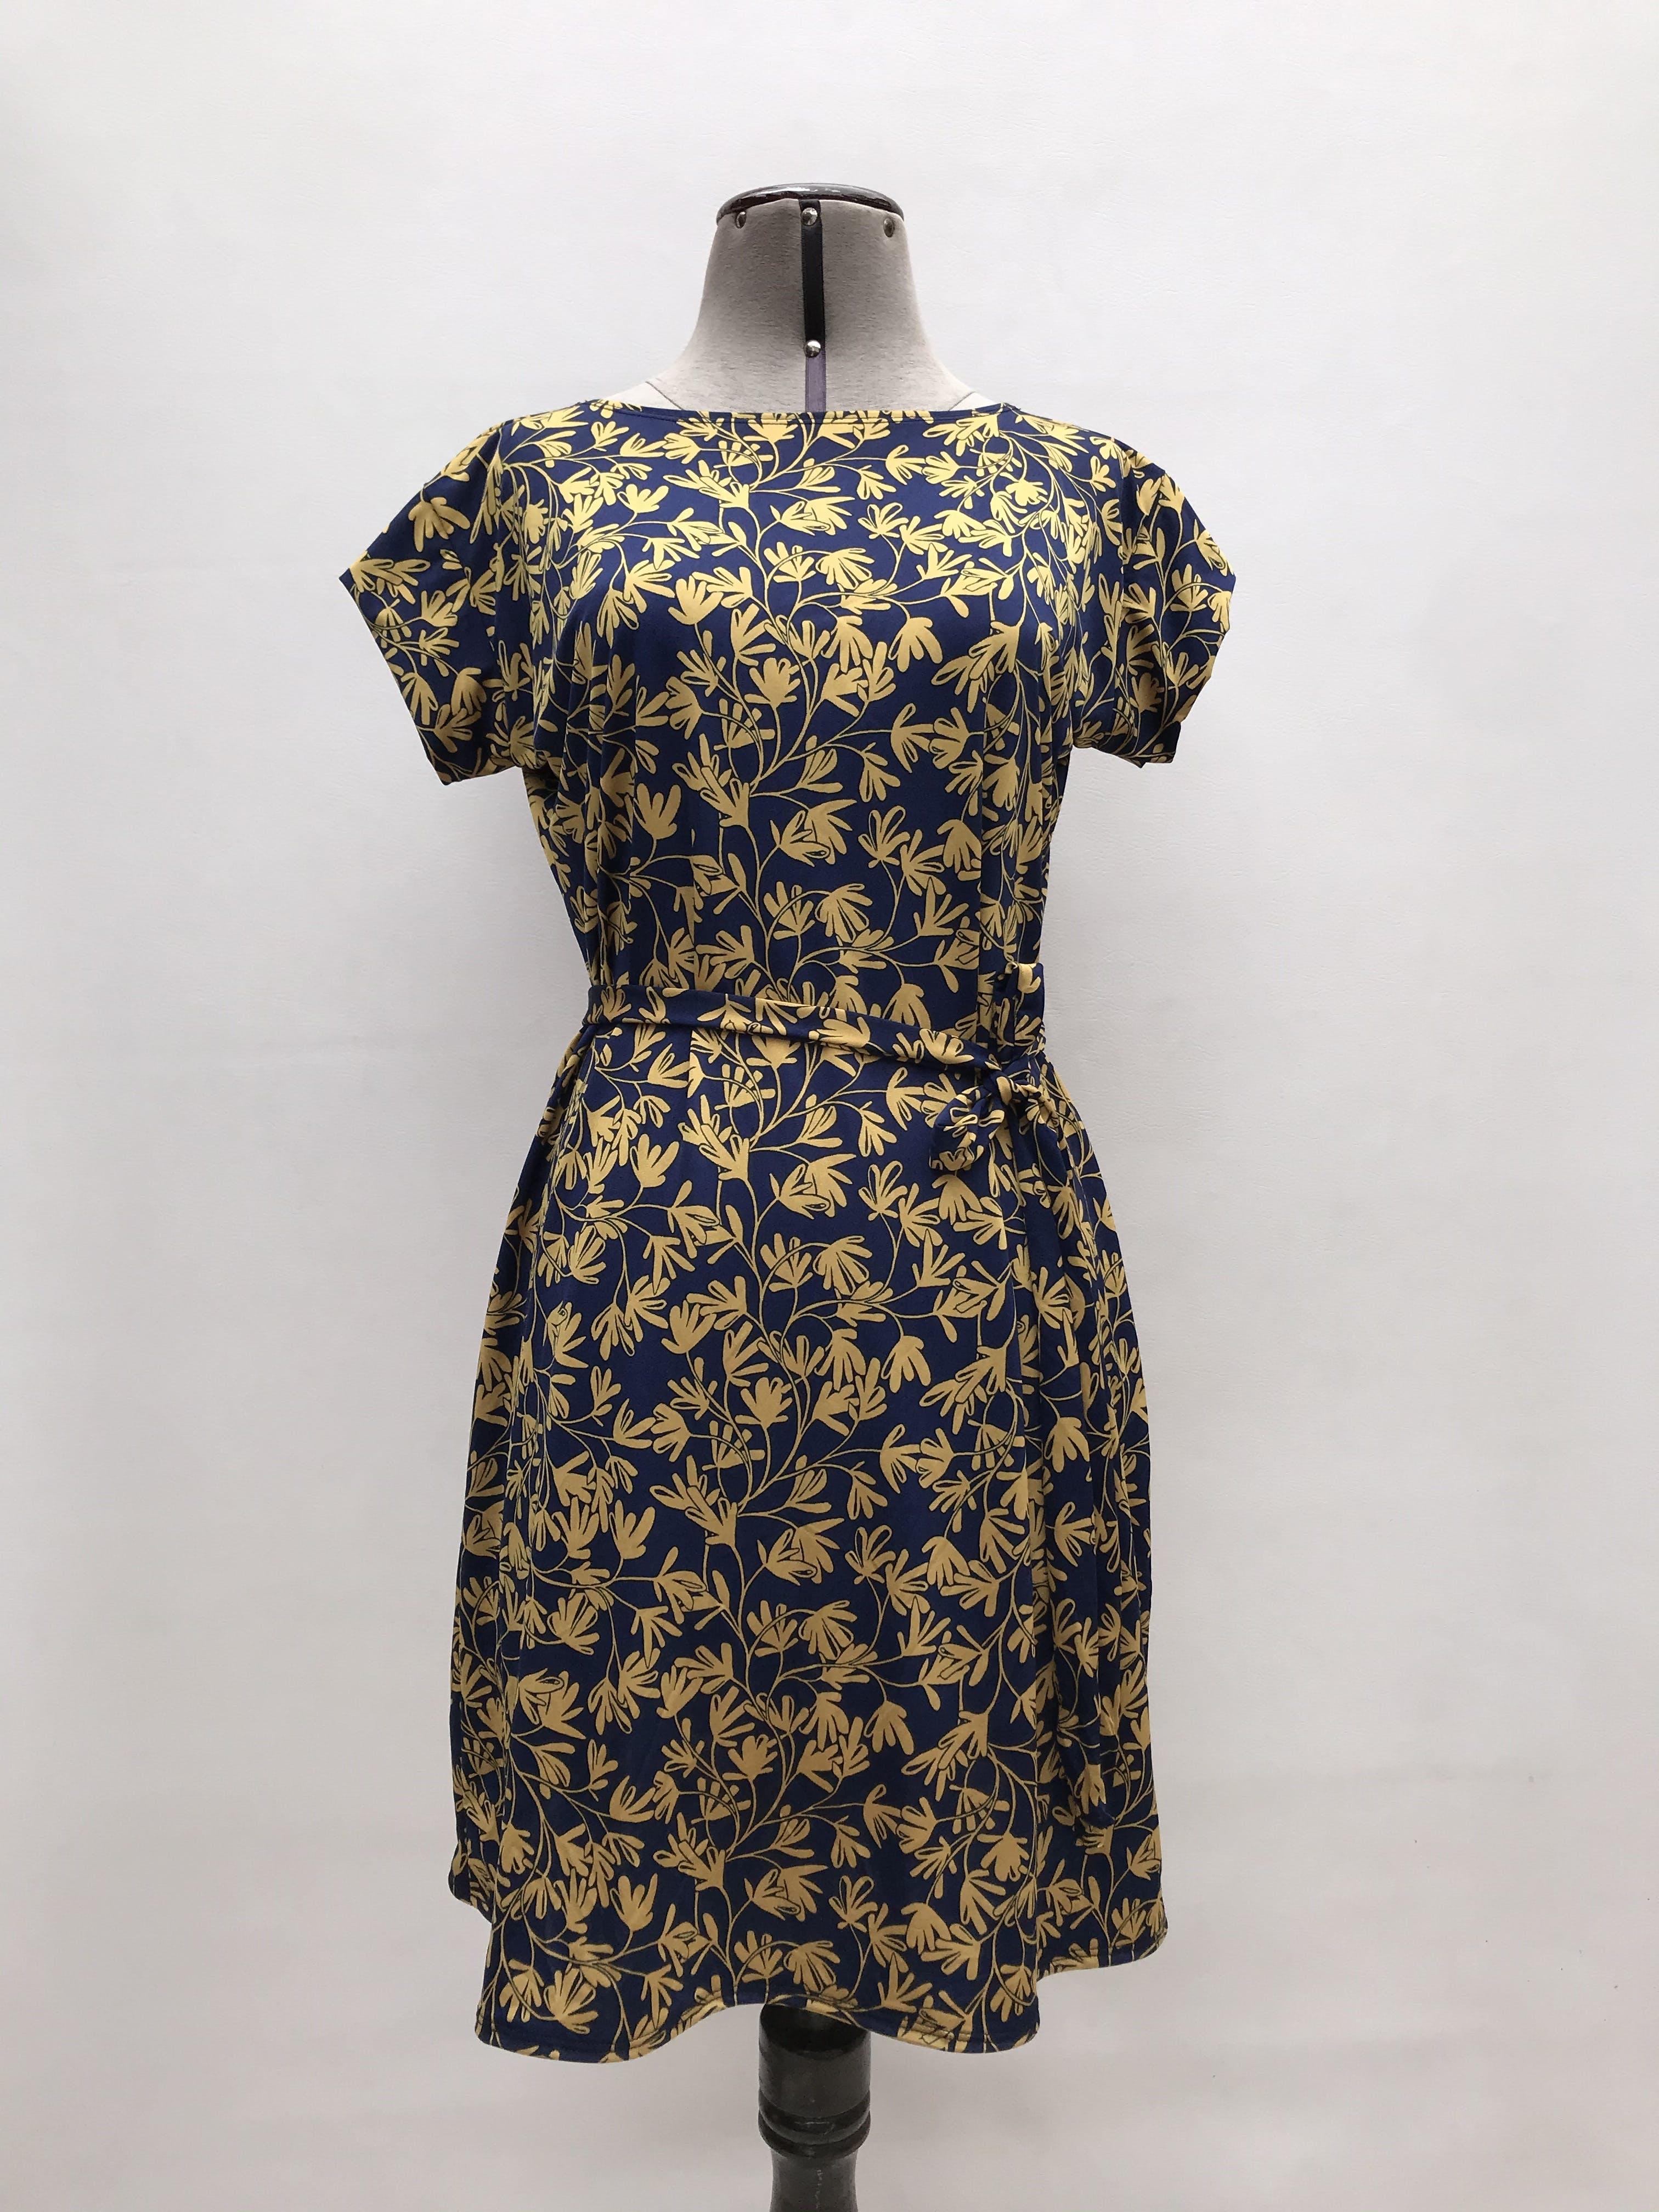 Vestido azul con estampado de hojas amarillas, tela tipo lycra, con cinto para amarrar. Largo 86cm ¡Lindo!